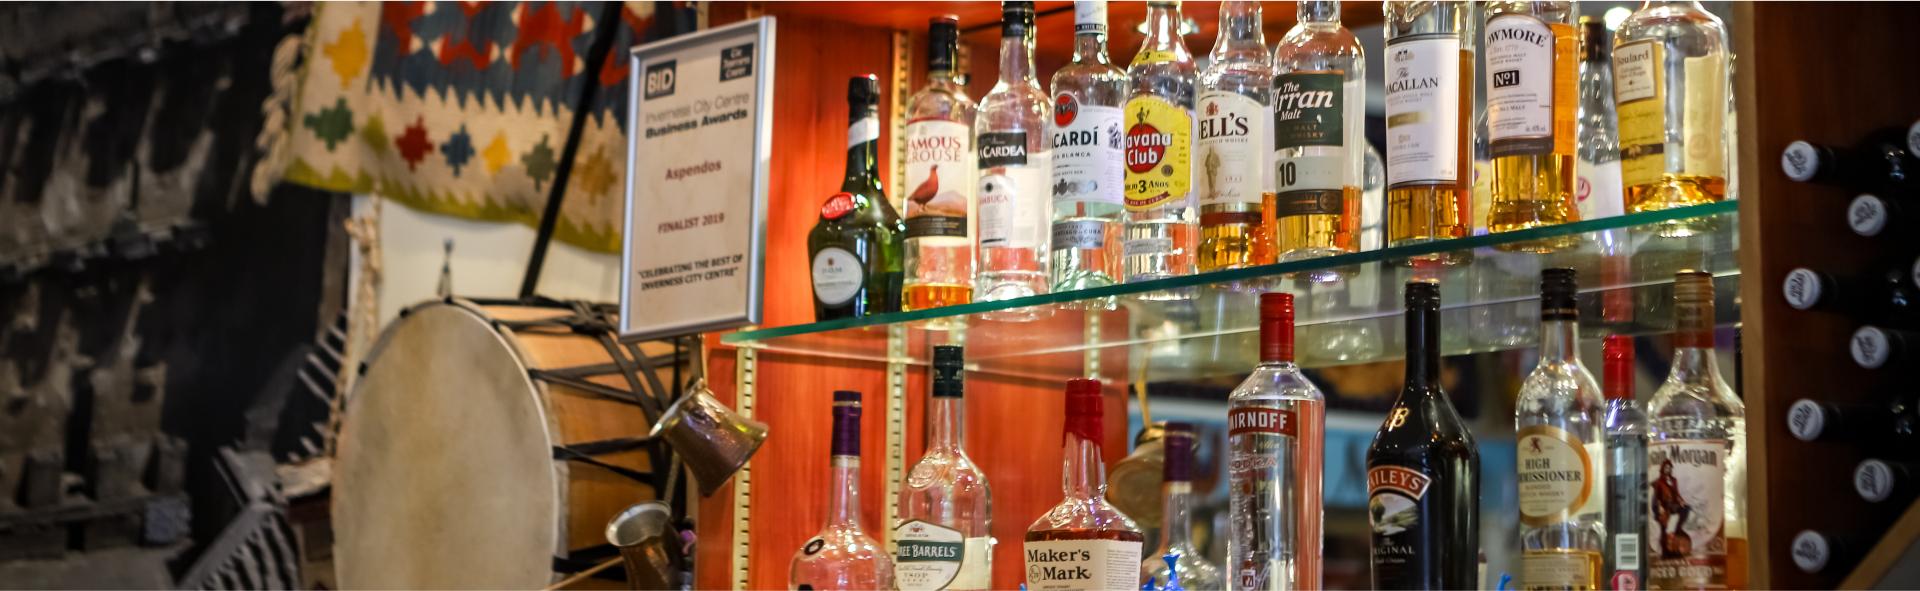 Aspendos Beverages